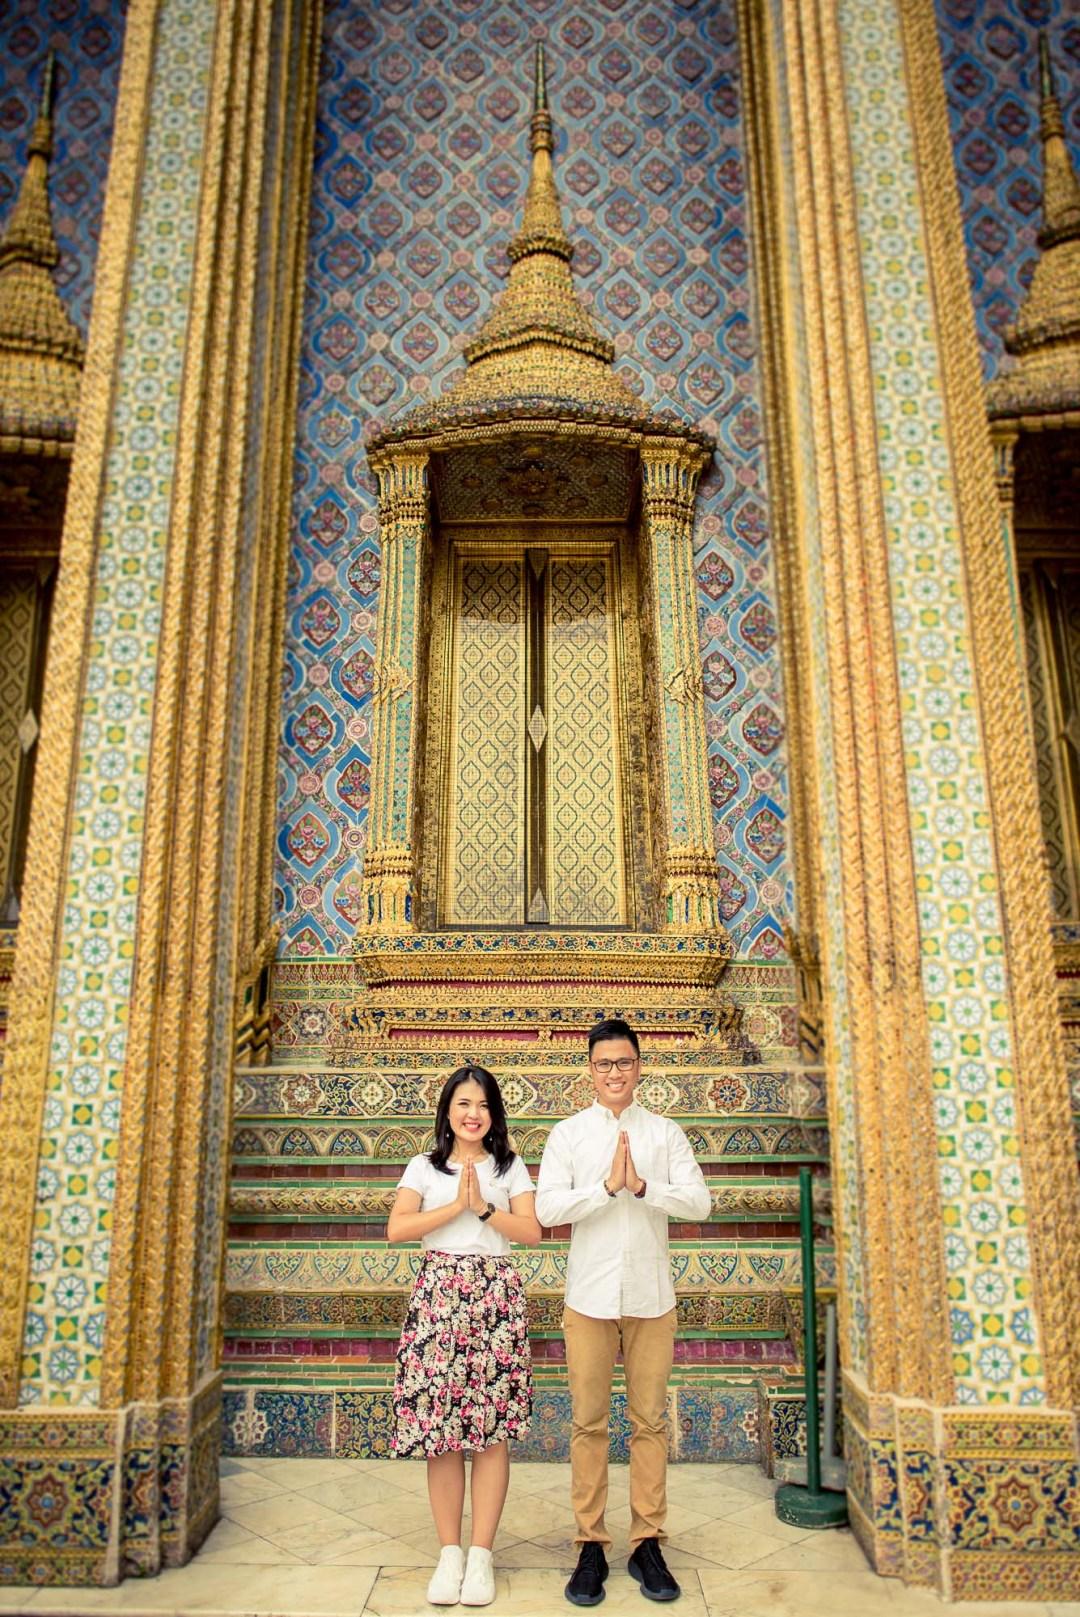 Pre-Wedding at The Grand Palace in Bangkok Thailand   Bangkok Wedding Photography